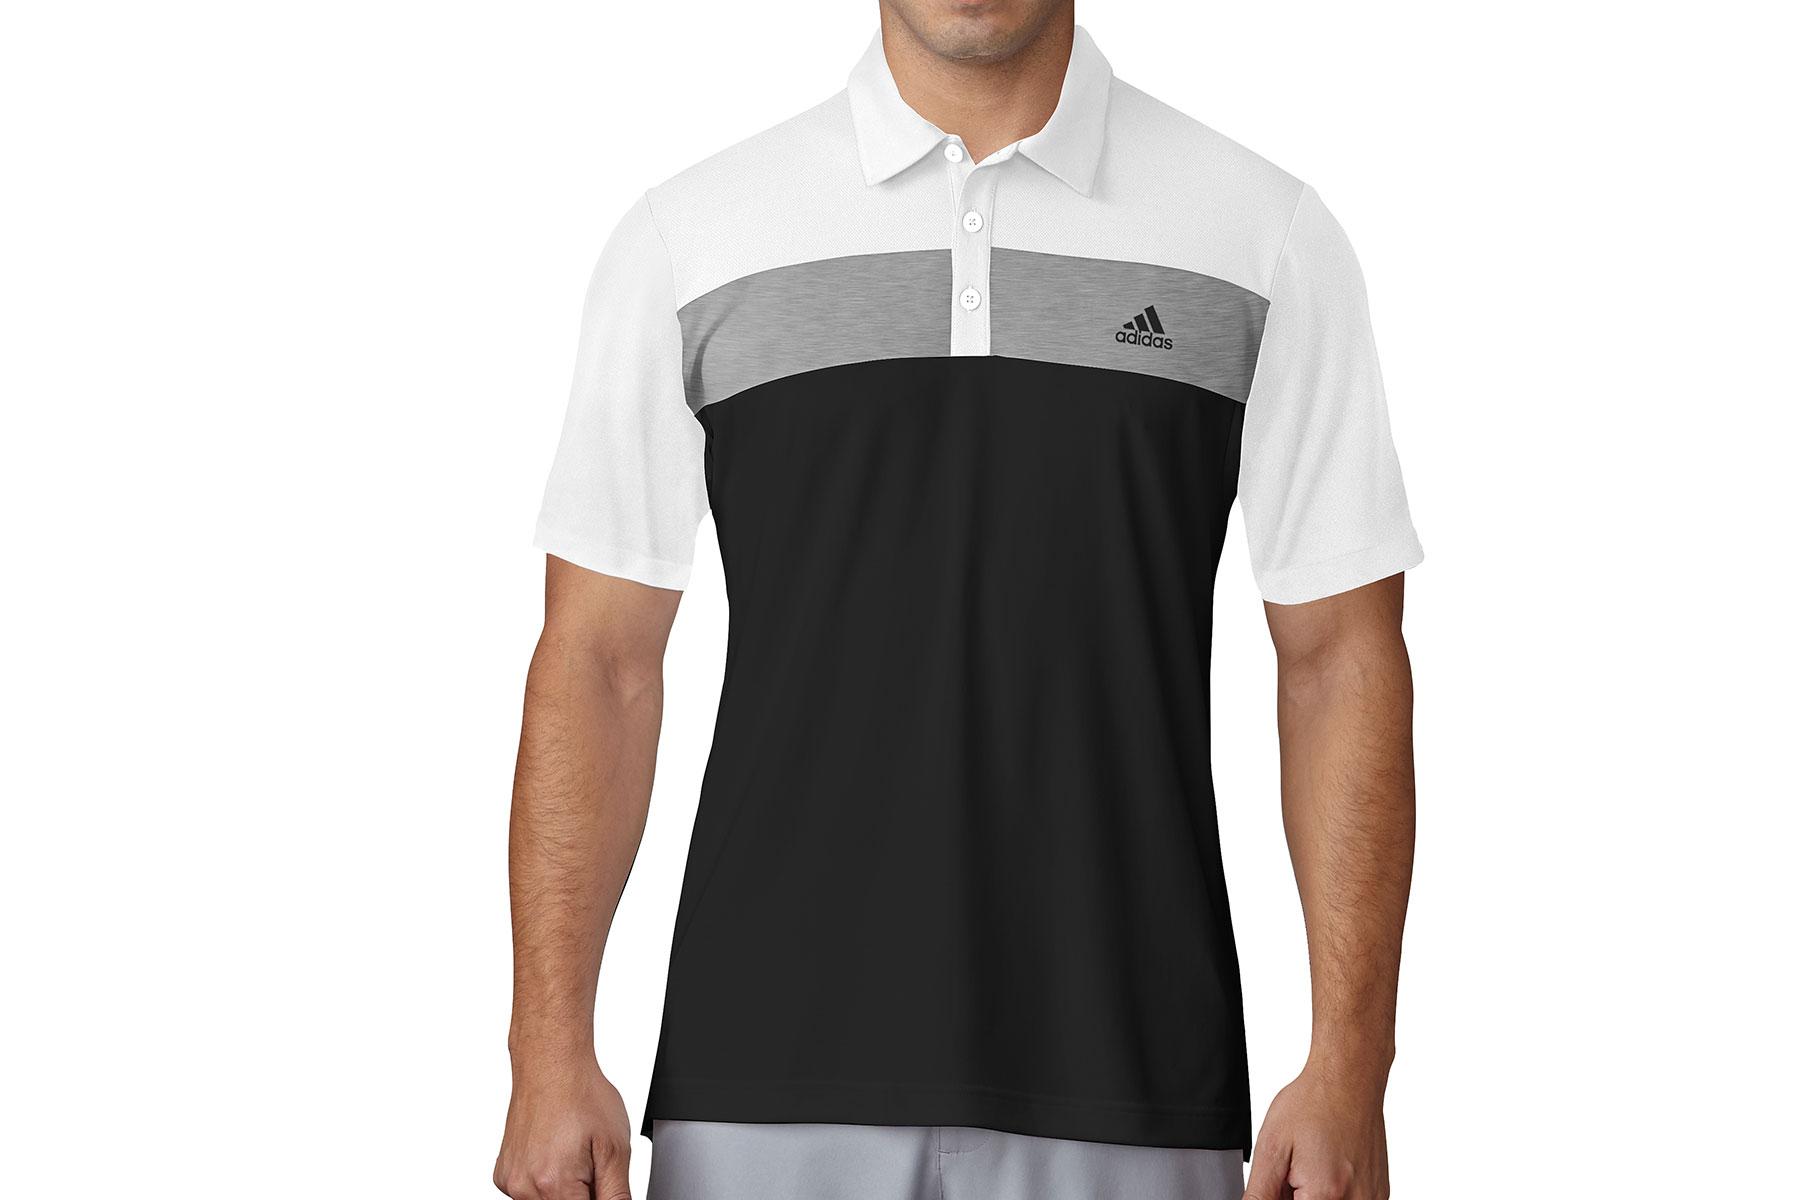 Adidas Golf Clothing Uk